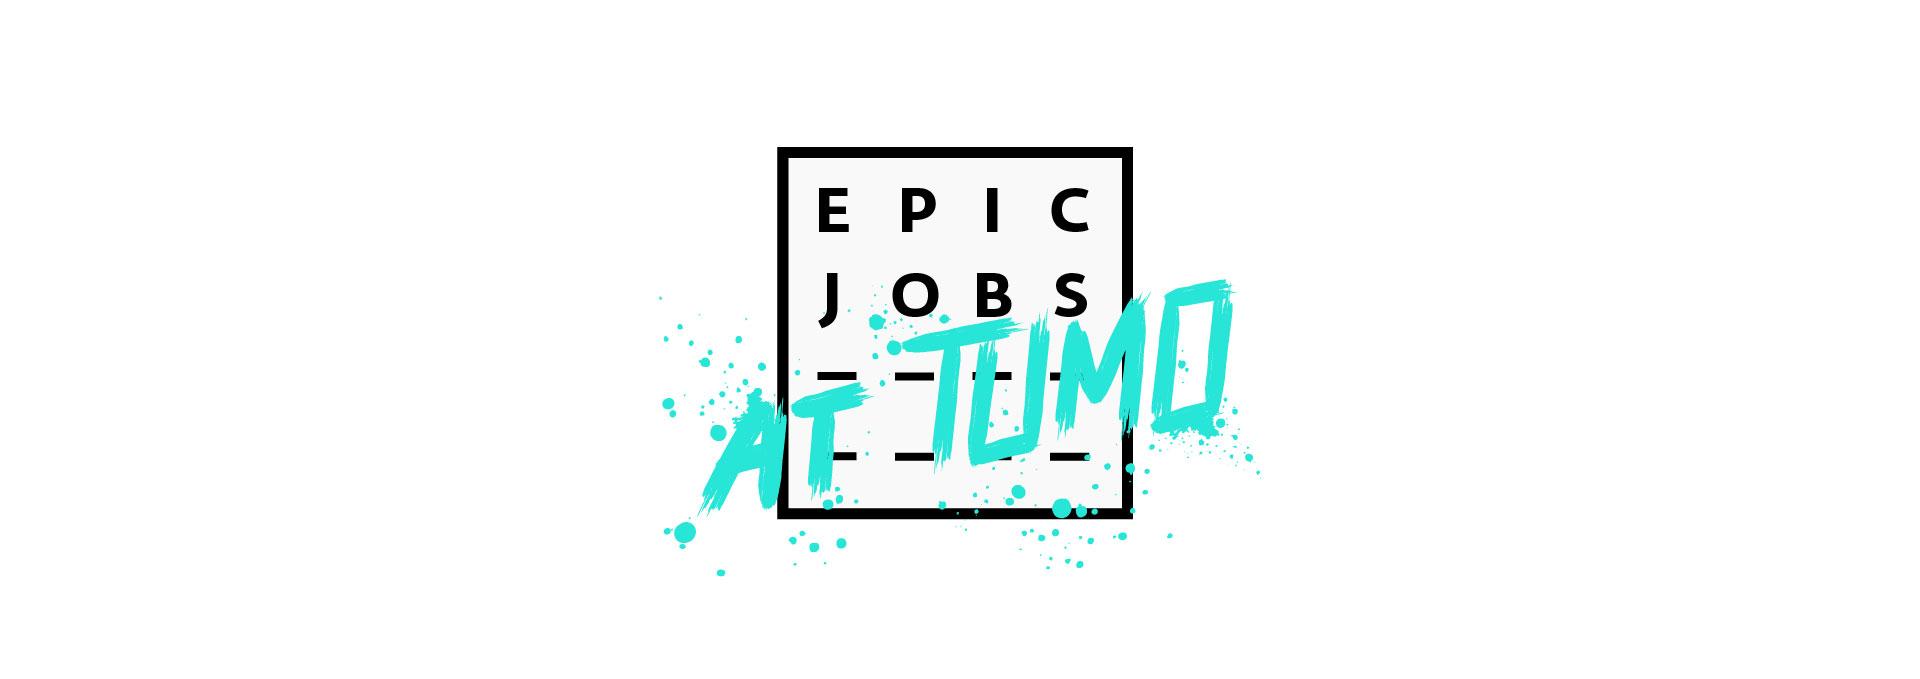 Noooooor 01 - Epic Jobs